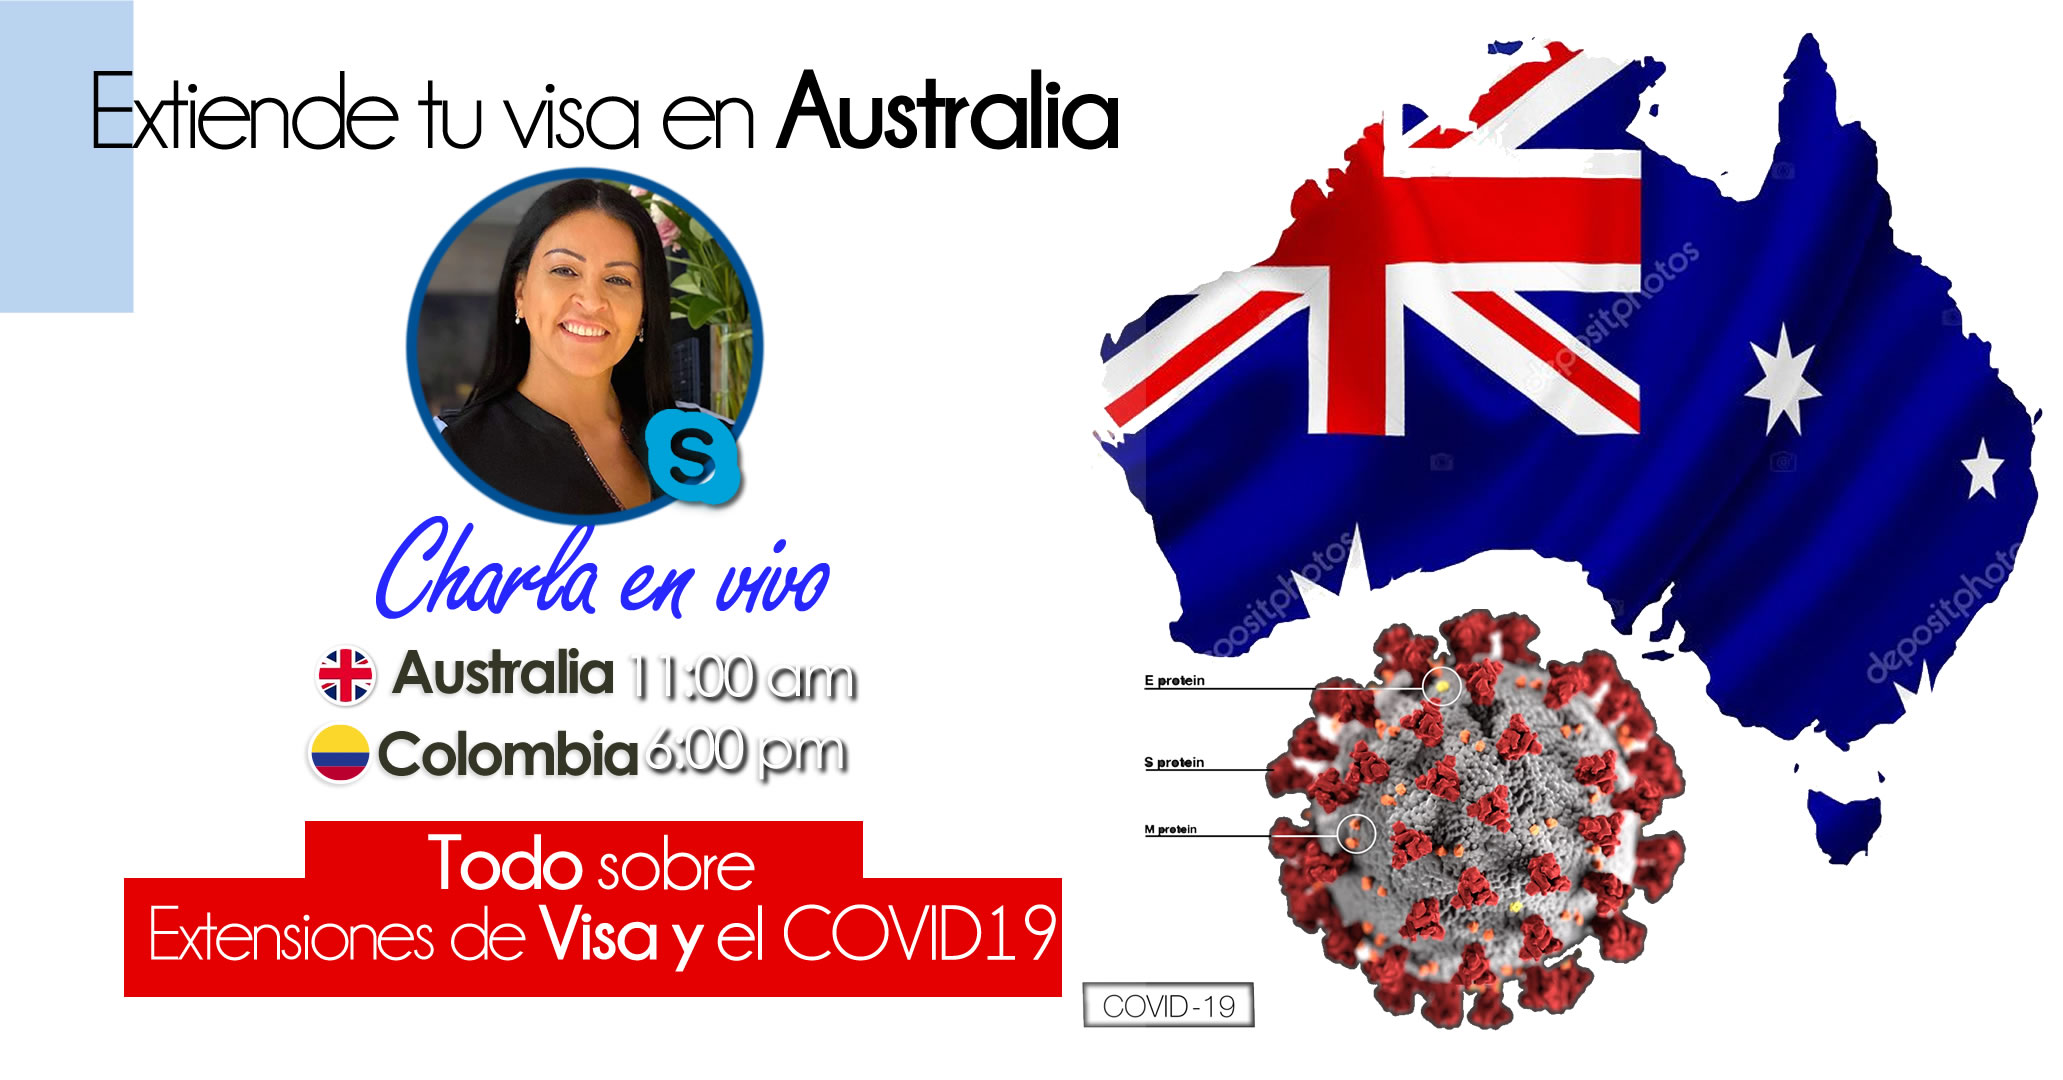 Extiende tu visa en Australia en �pocas  del  COVID-19